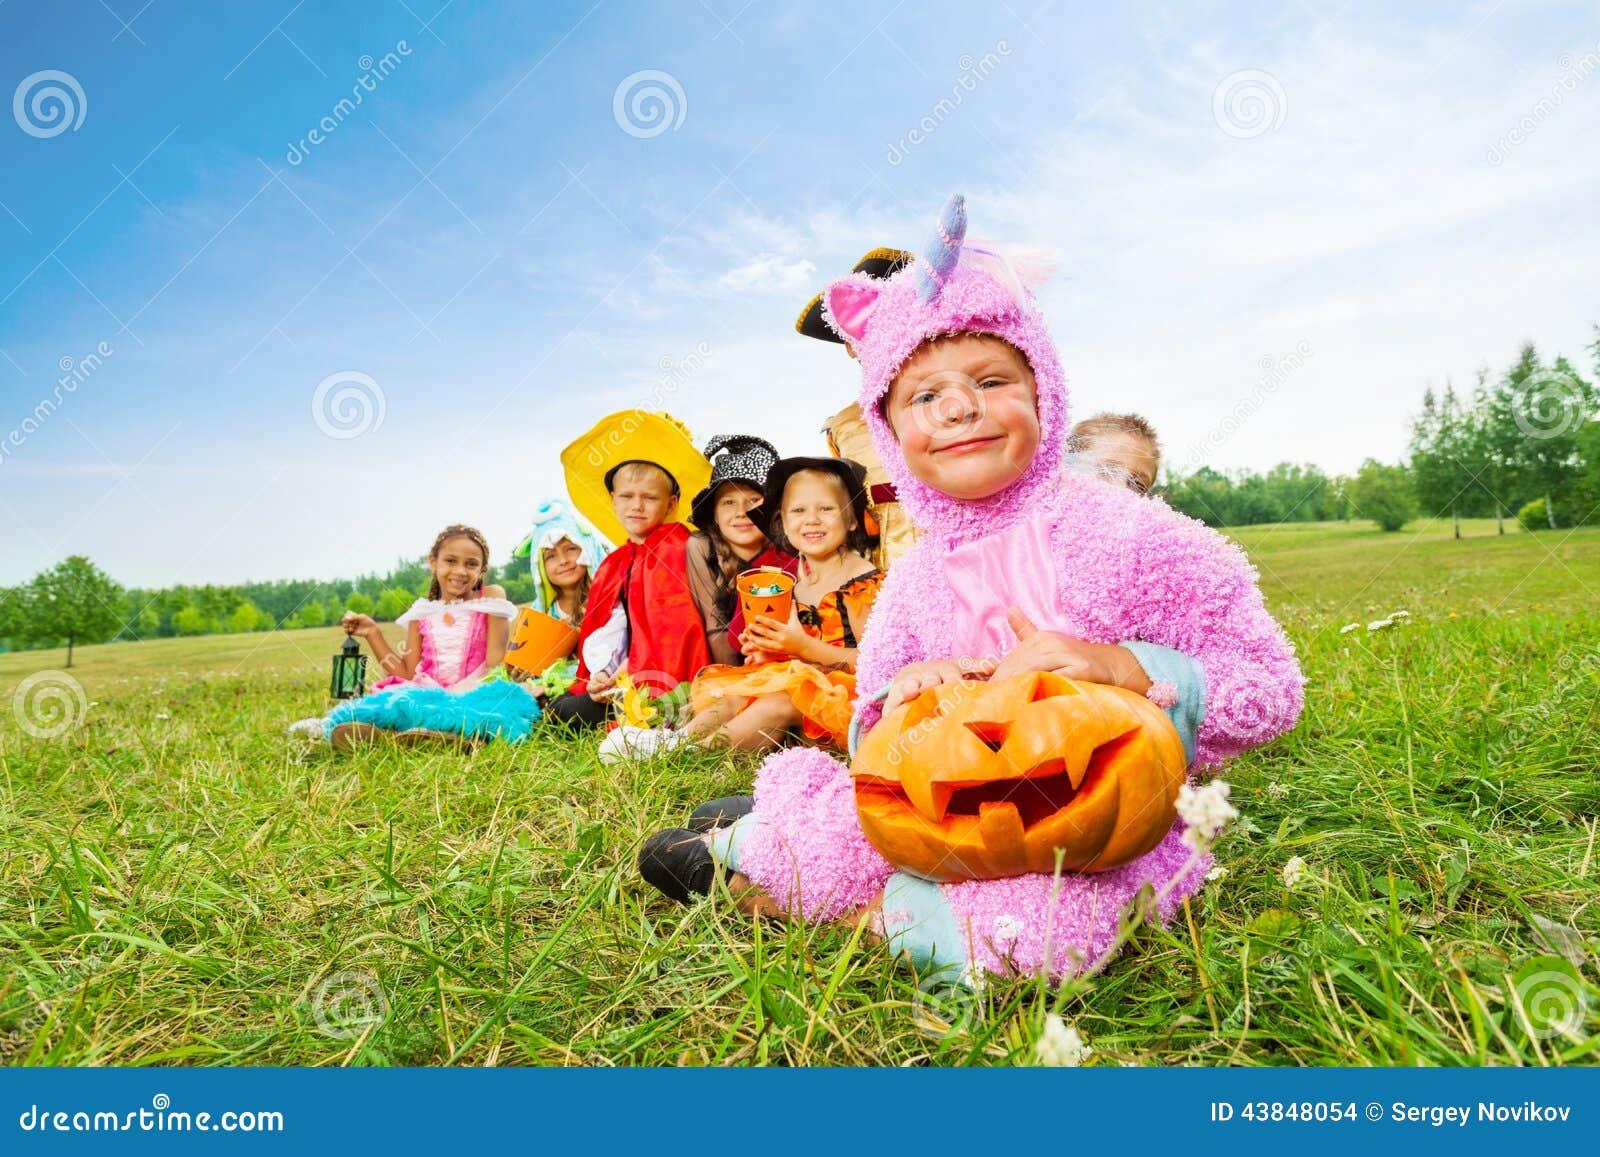 Many Halloween kids wear costumes sit in long row